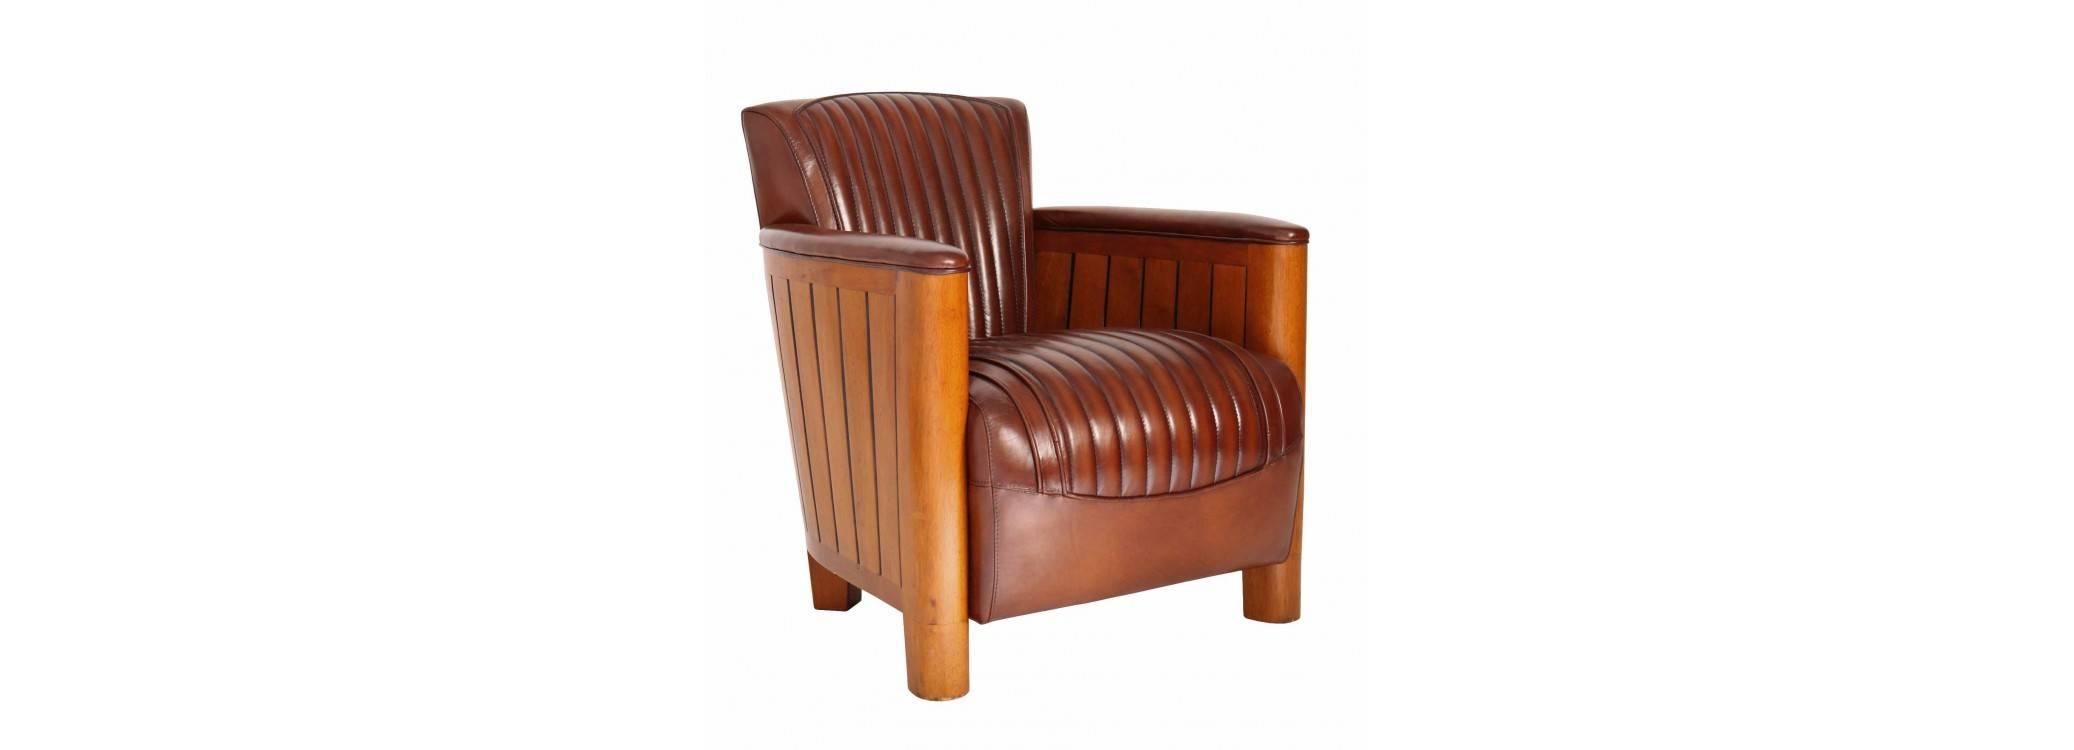 Fauteuil club Cognac - cuir marron